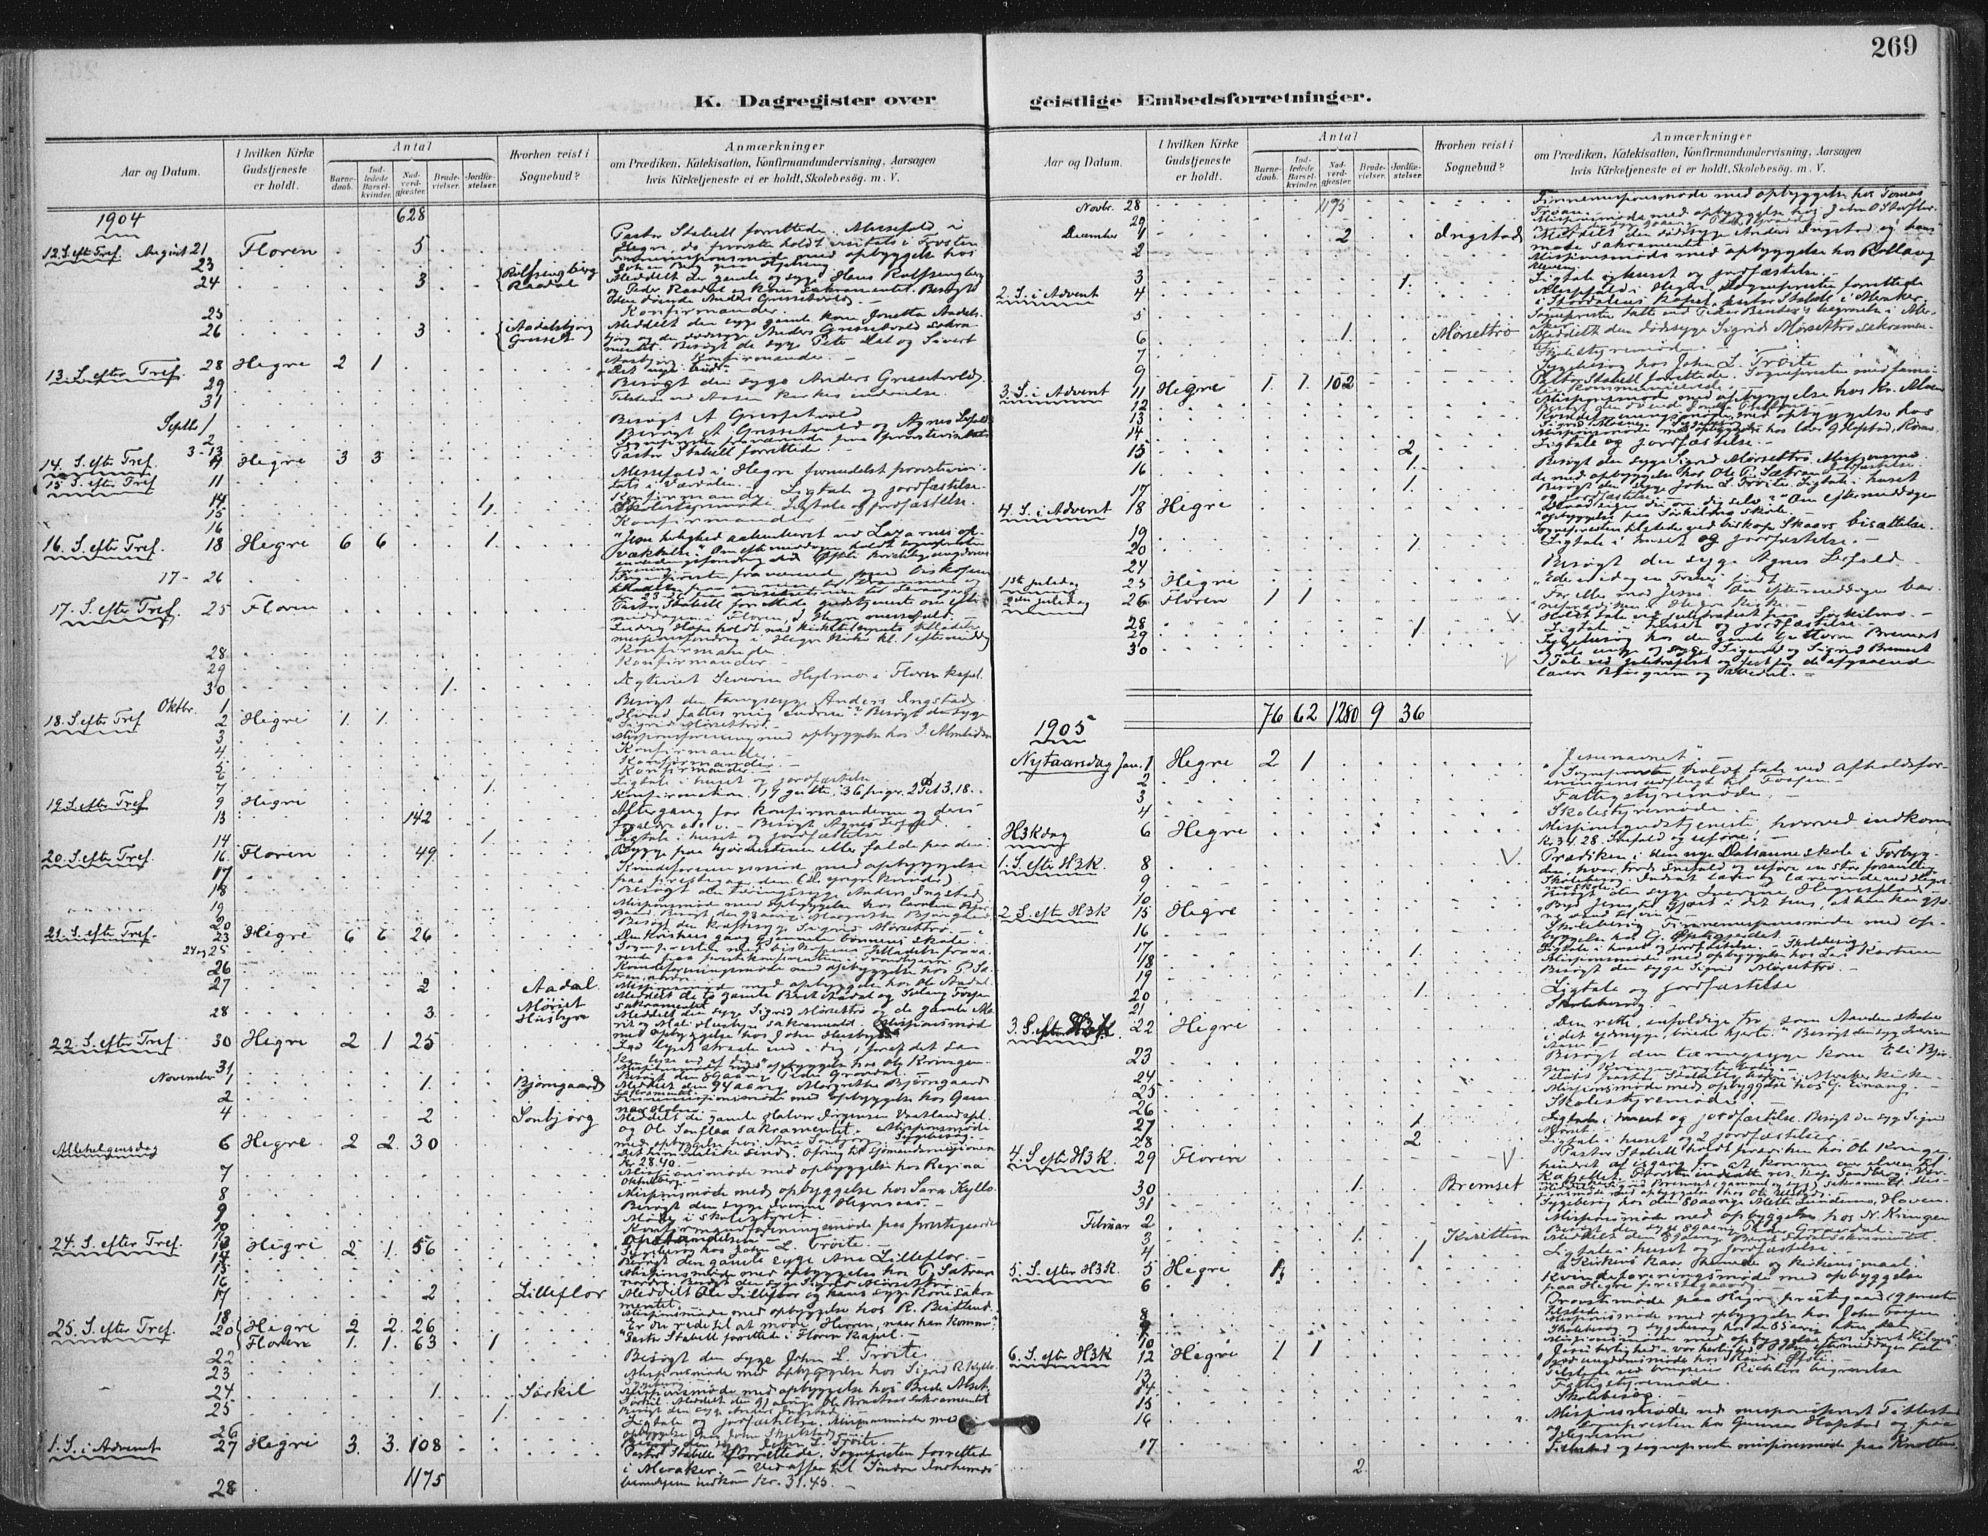 SAT, Ministerialprotokoller, klokkerbøker og fødselsregistre - Nord-Trøndelag, 703/L0031: Ministerialbok nr. 703A04, 1893-1914, s. 269